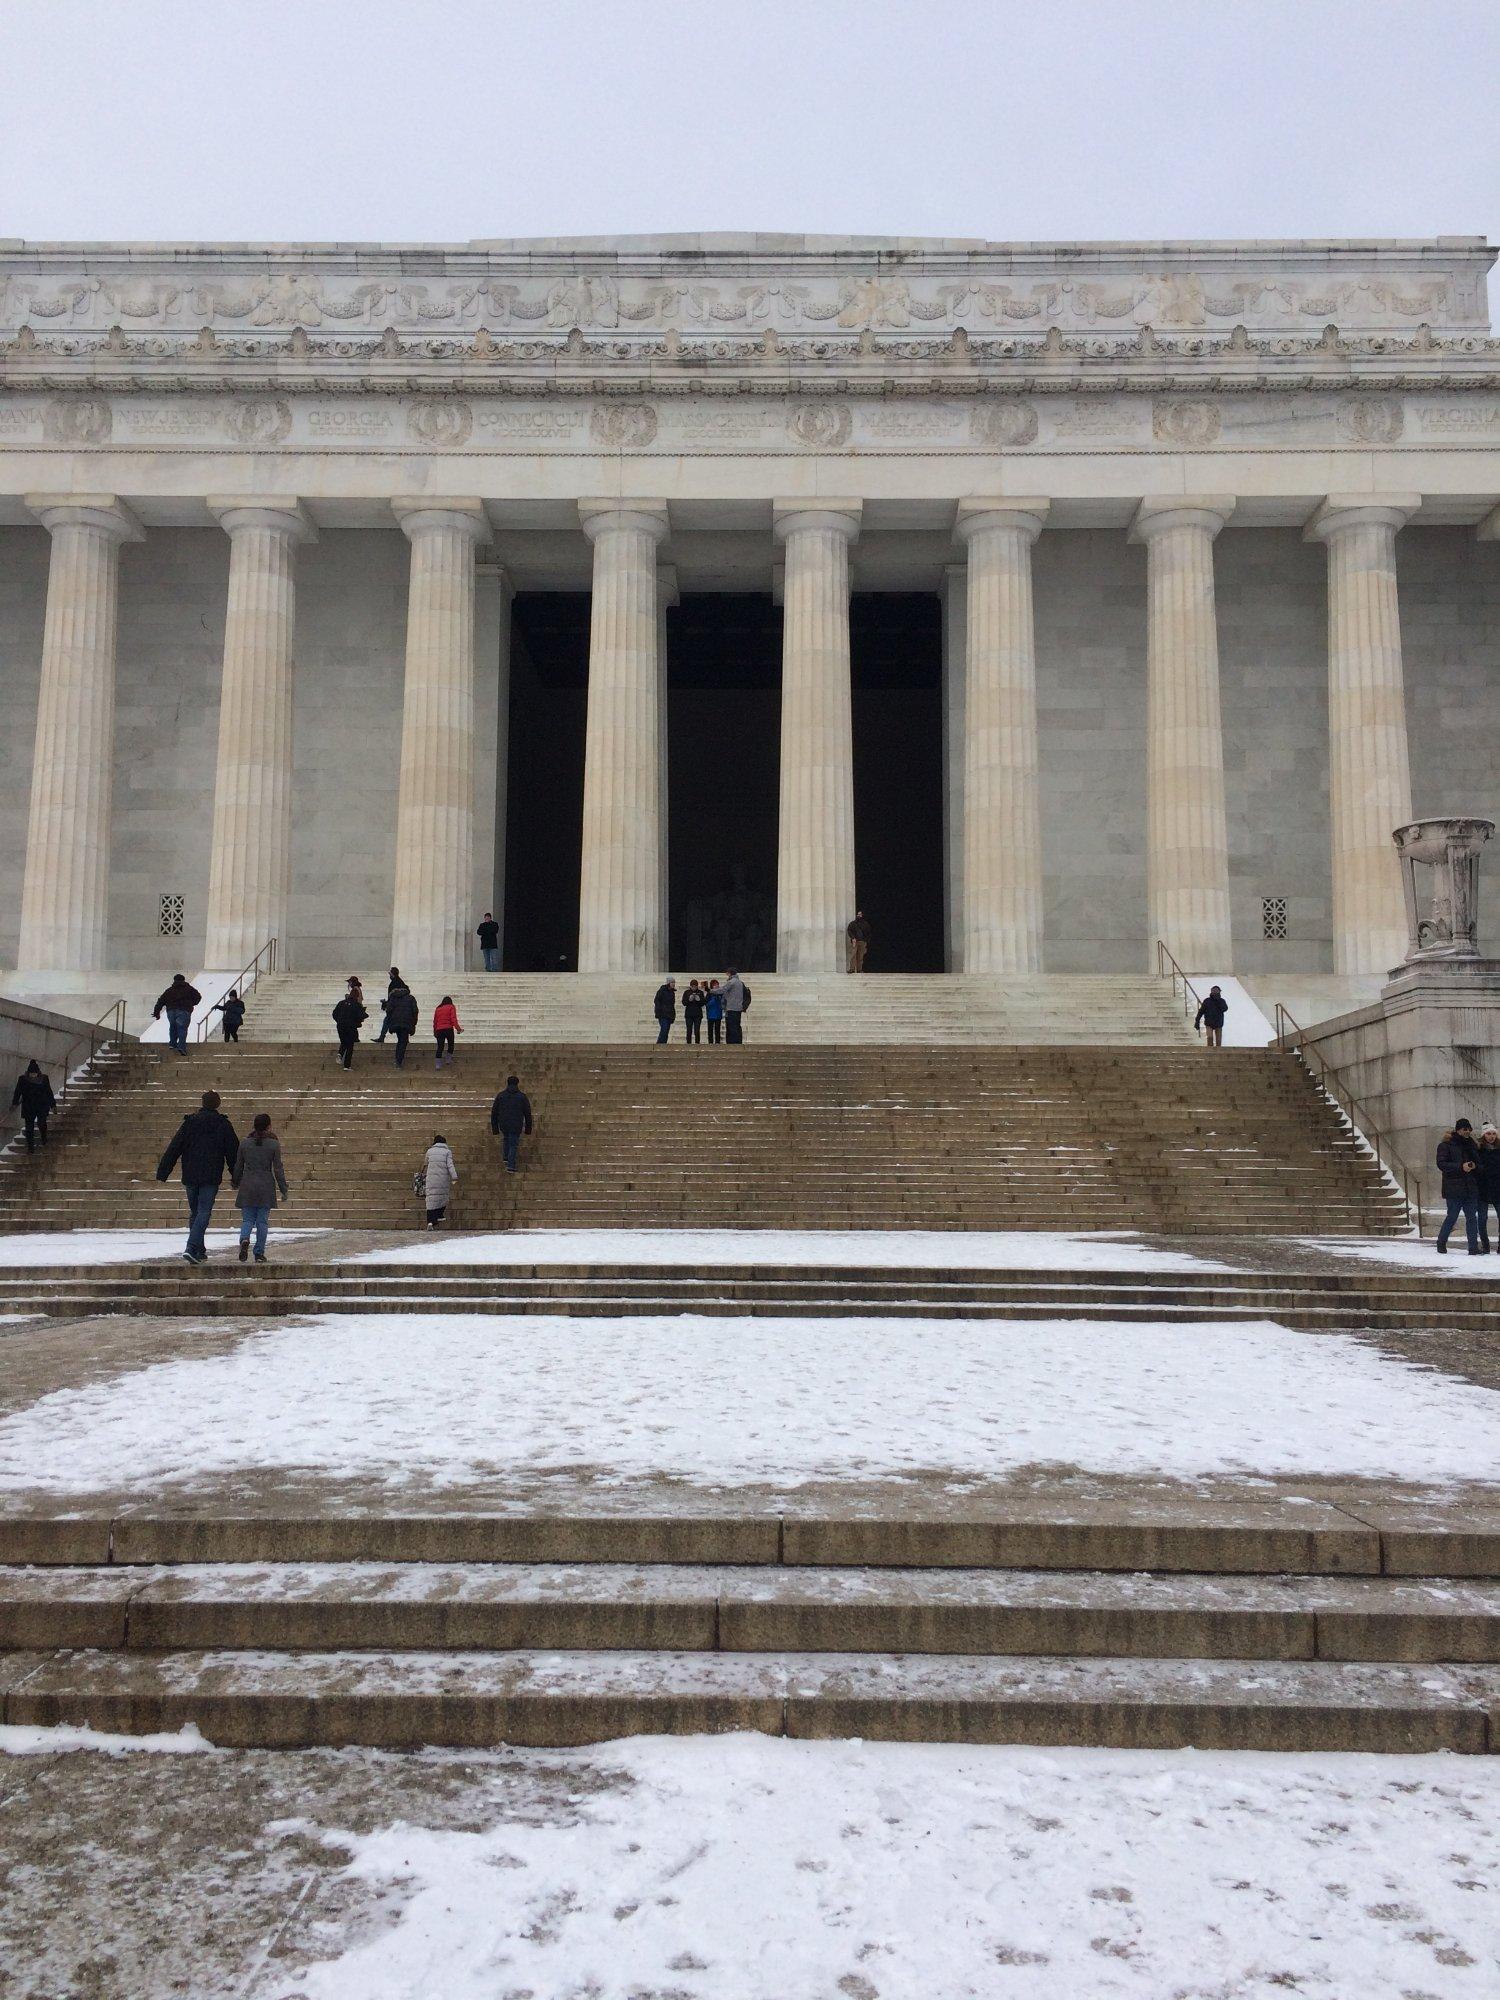 Monumento a Lincoln con nieve, enero 2018